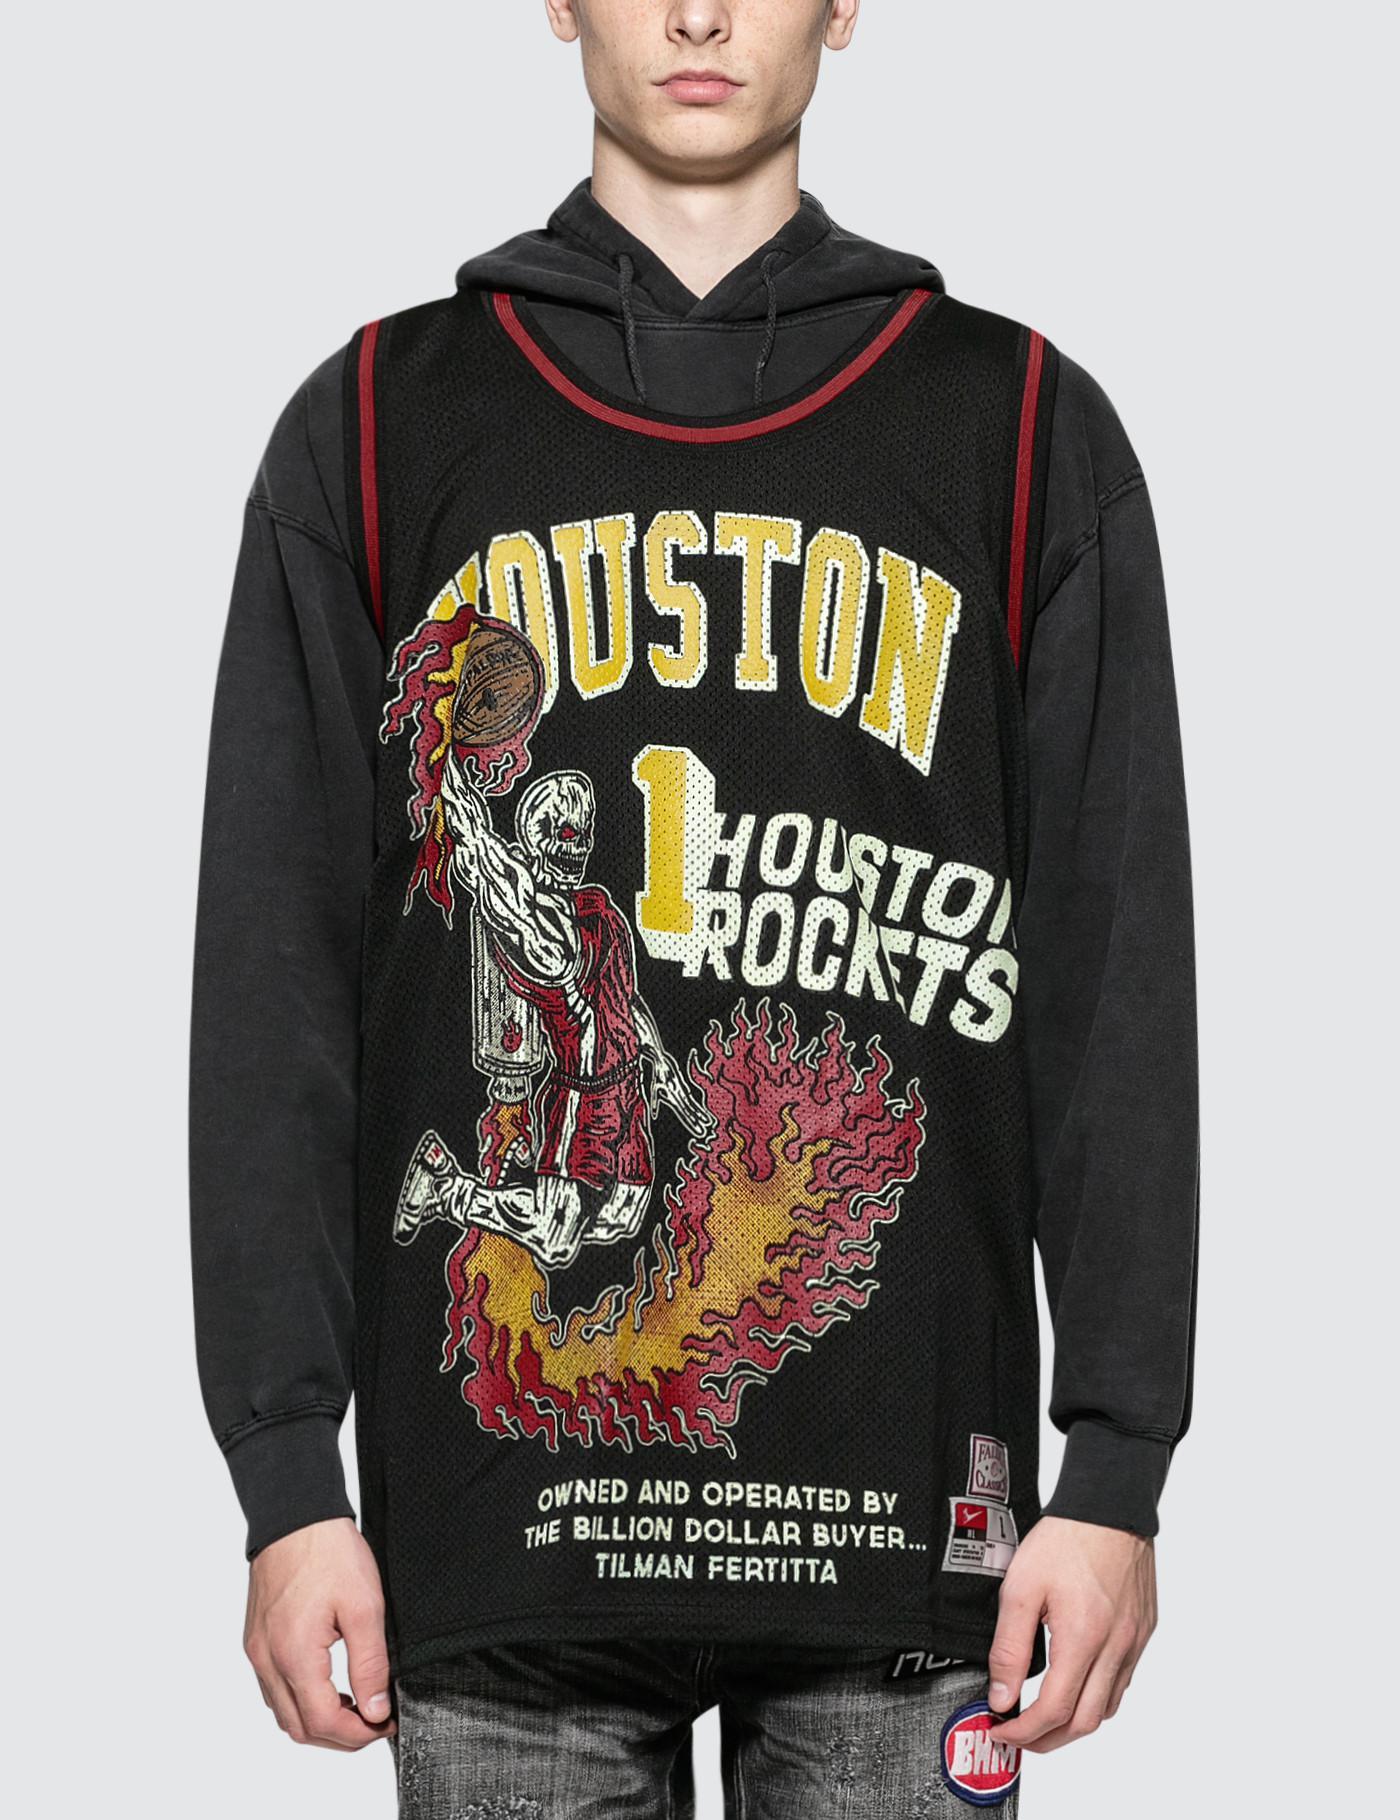 f06f6269626 Warren Lotas Rockets Fallas Classics Jersey in Black for Men - Lyst